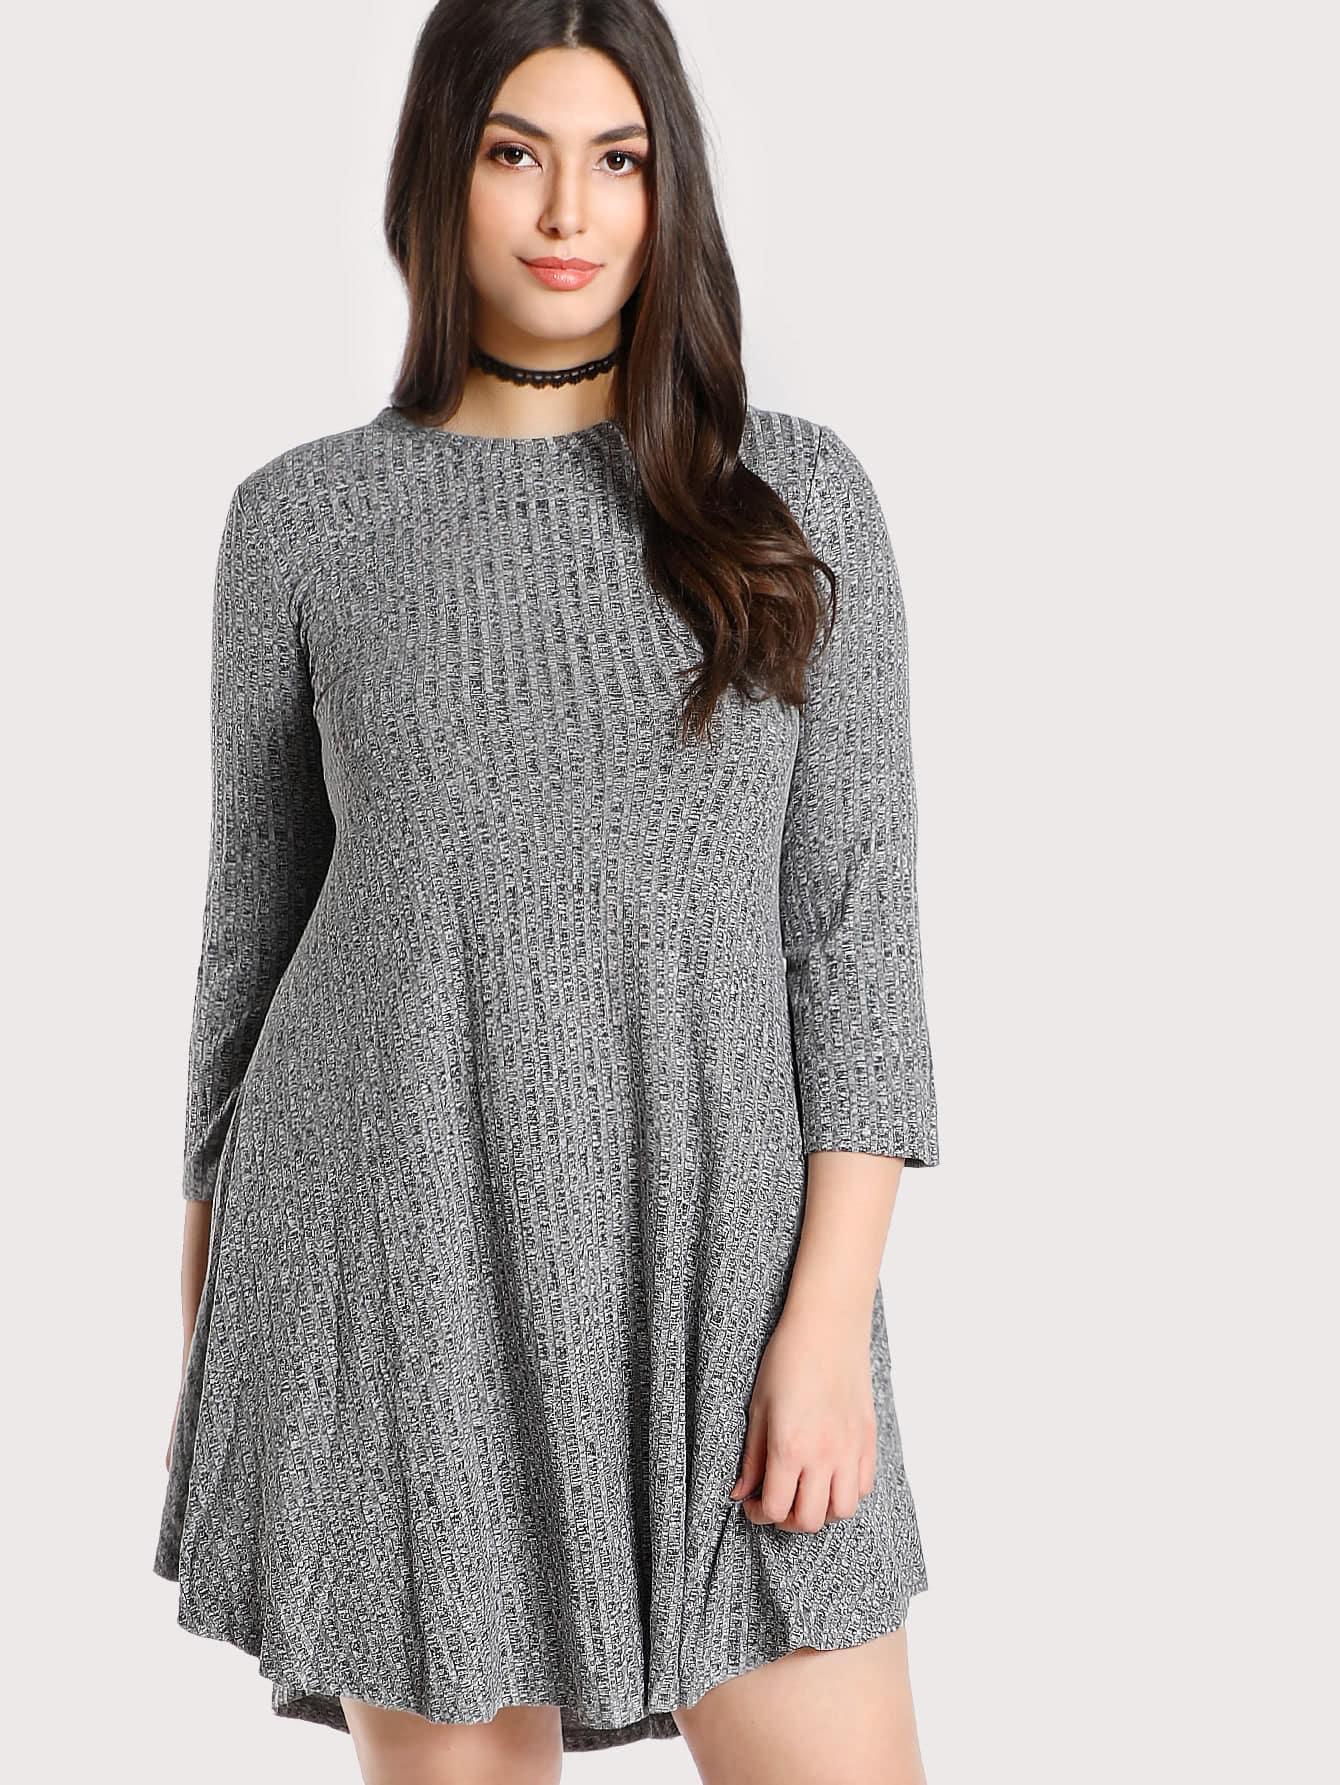 Marled Rib Knit Swing Tee Dress dress171108715